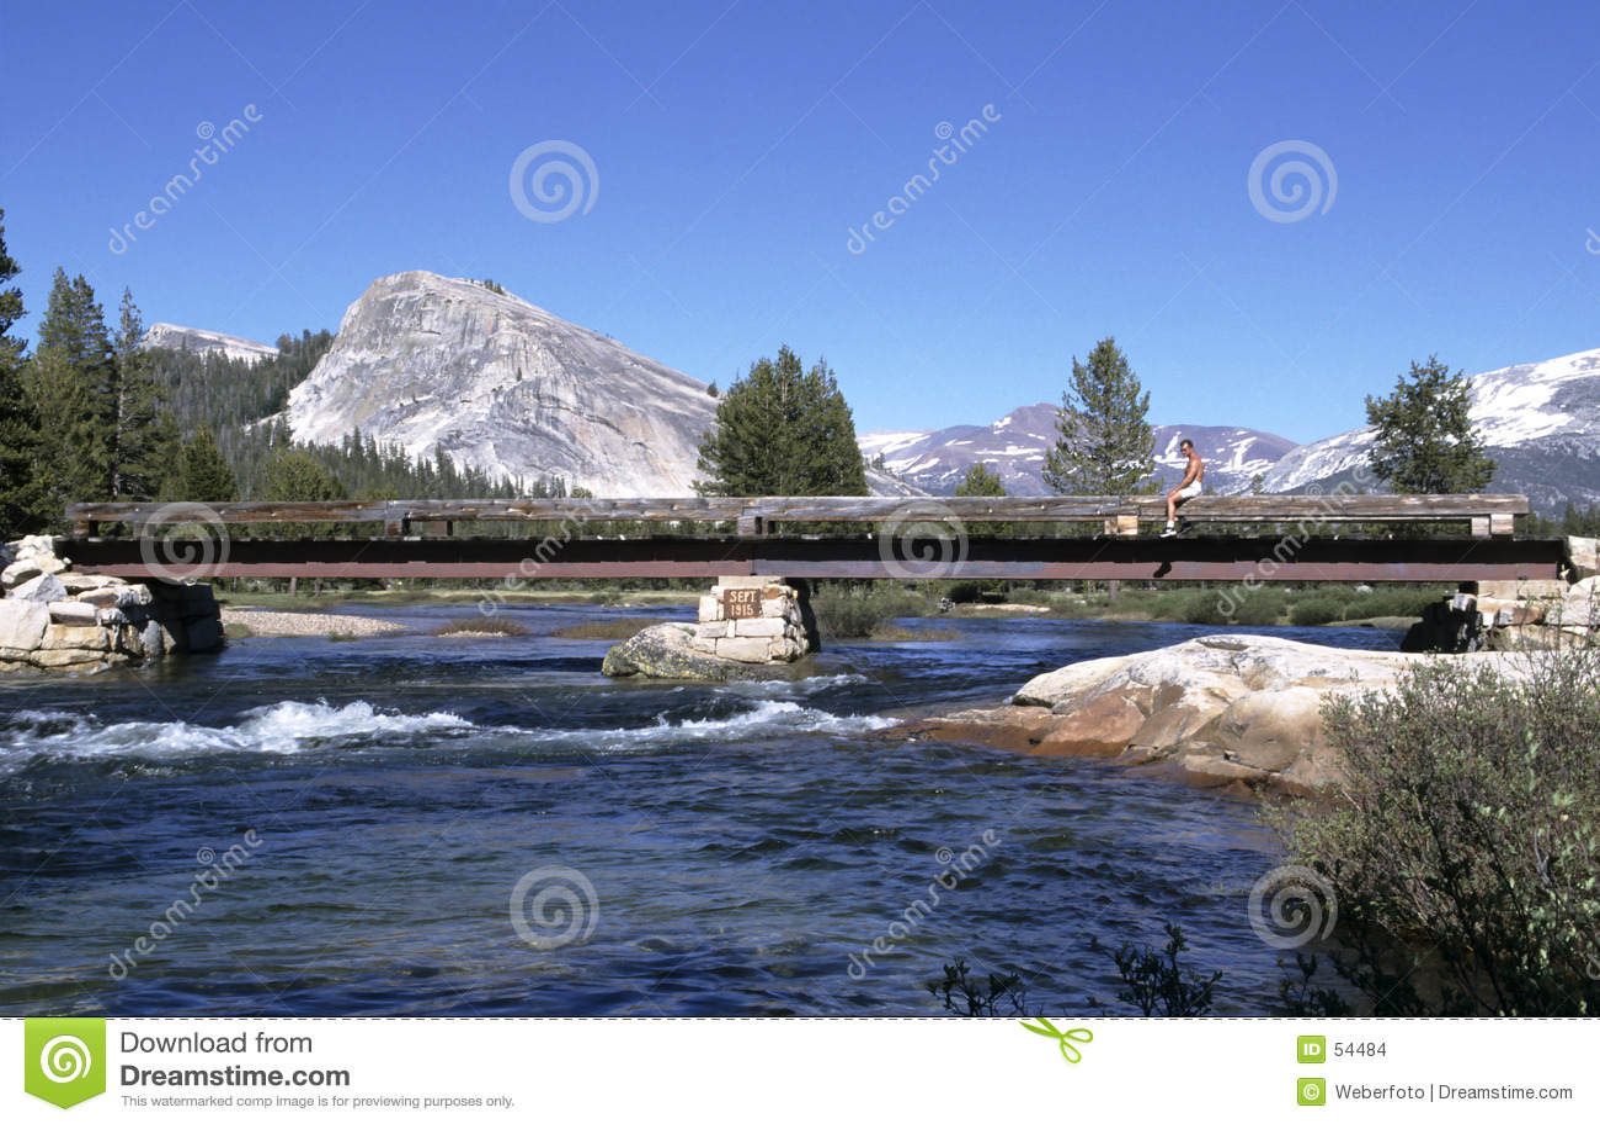 Download Fleuve De Montagne Avec La Passerelle Photo stock - Image du rapids, california: 54484